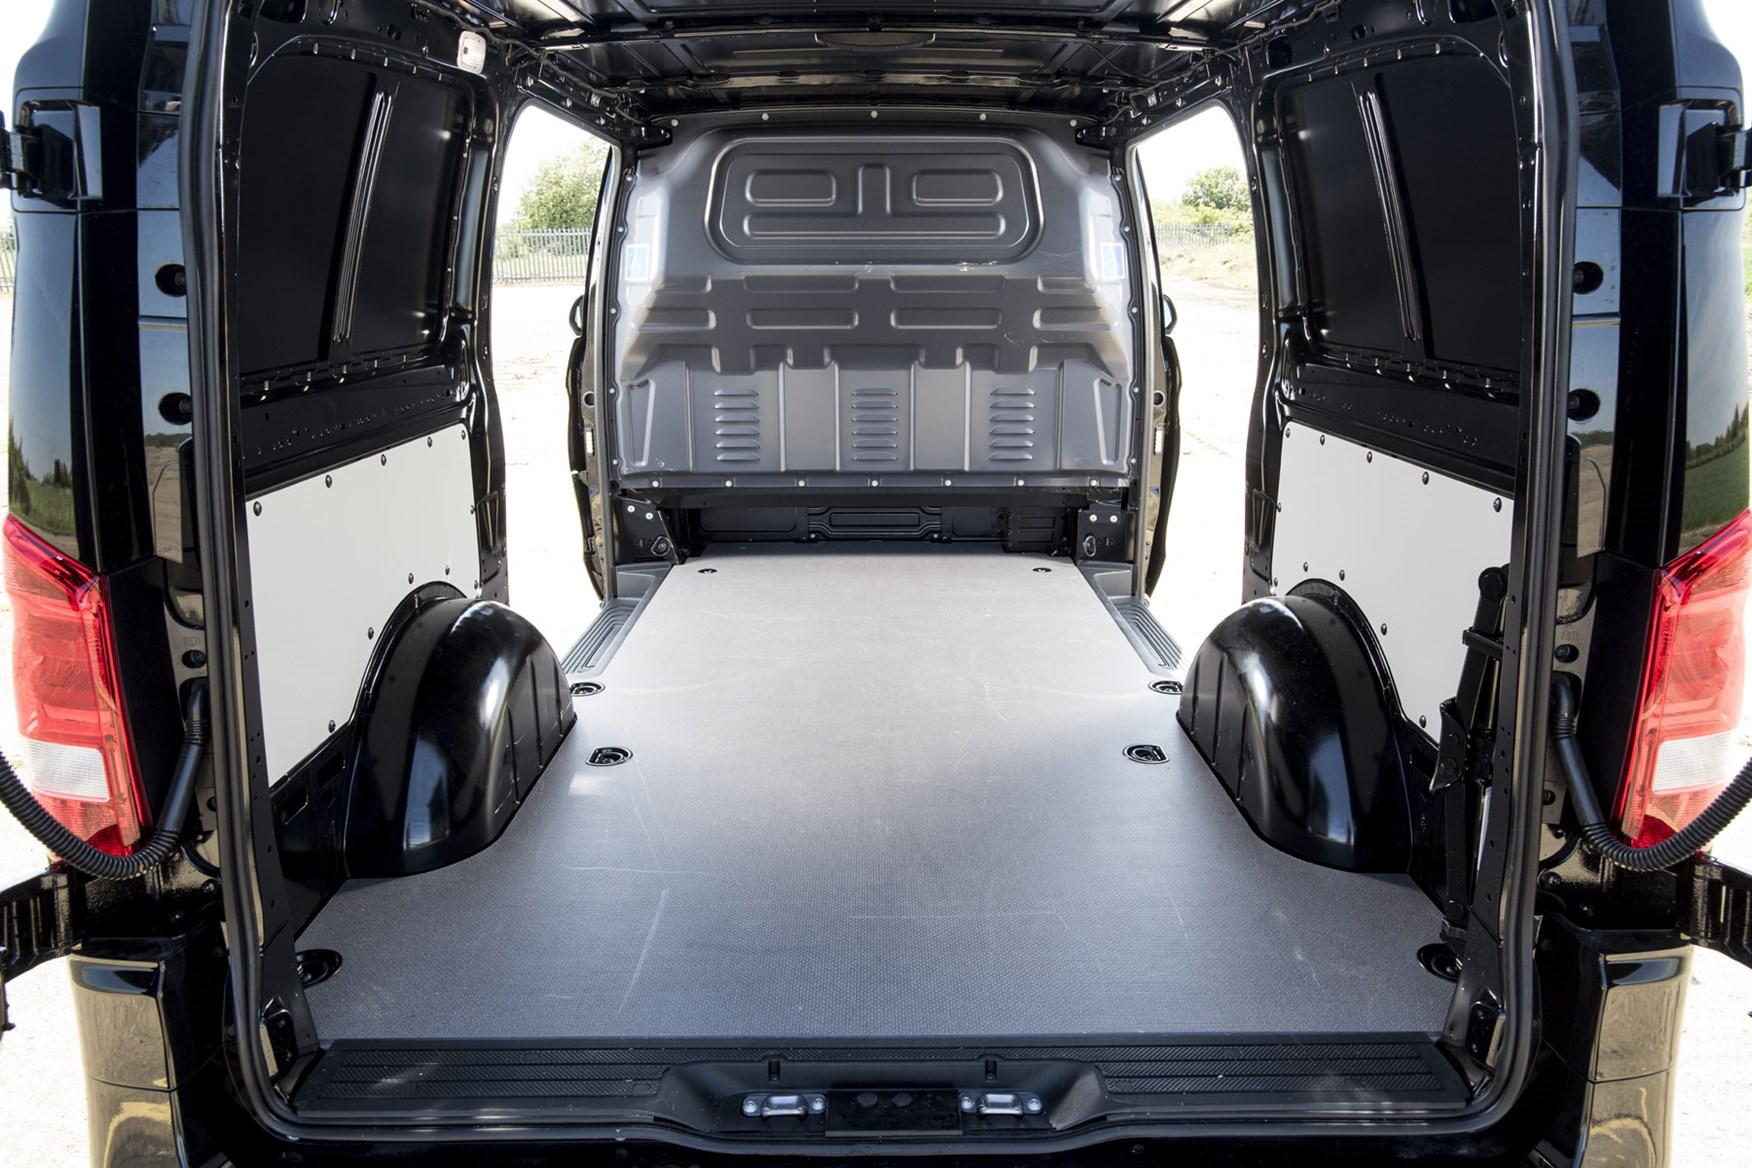 Mercedes Vito Premium review - load area